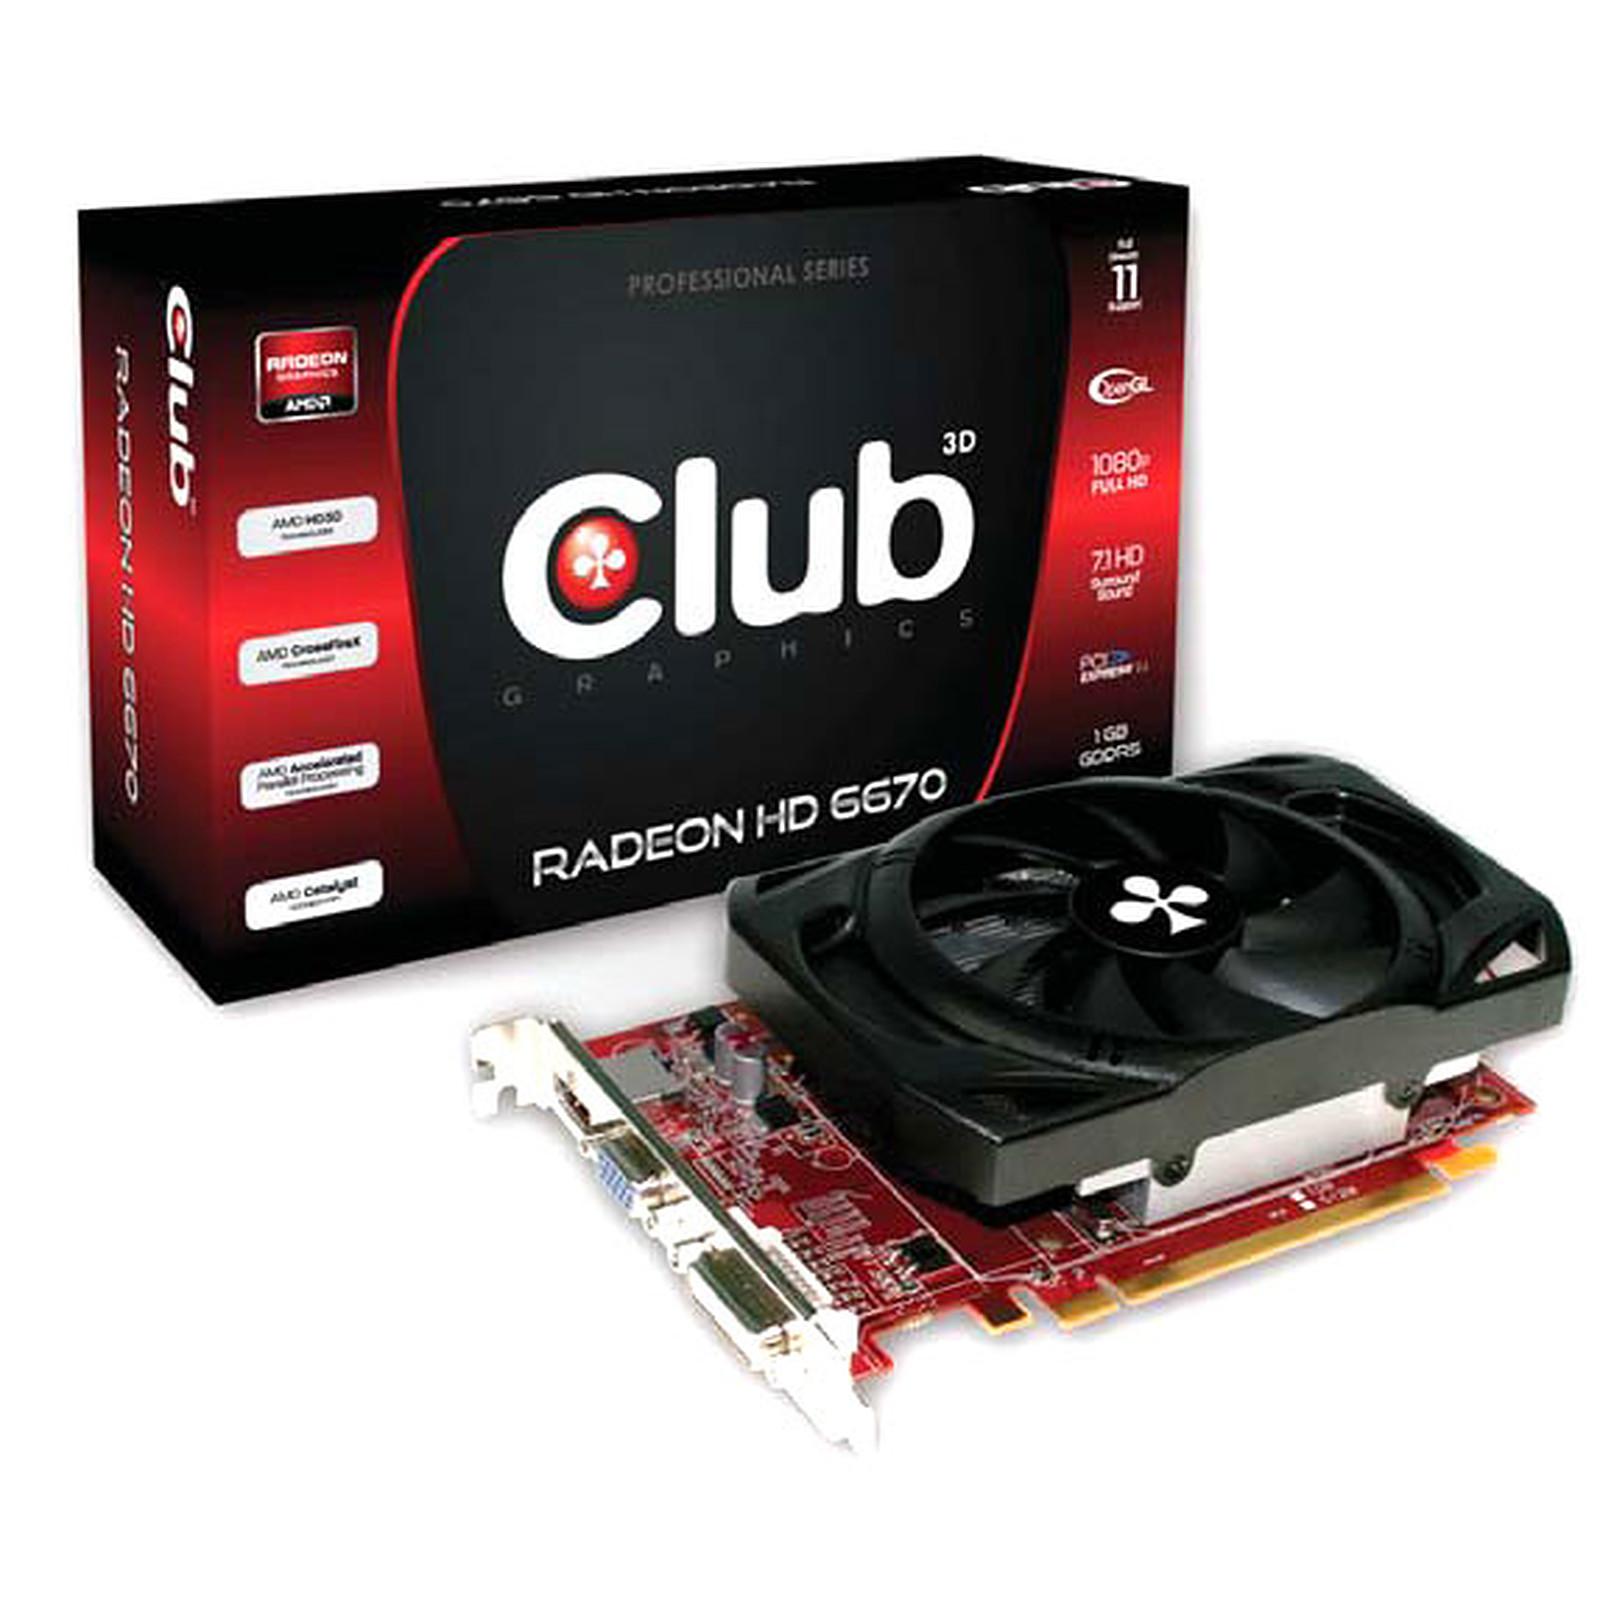 Club 3D Radeon HD 6670 1 GB GDDR5